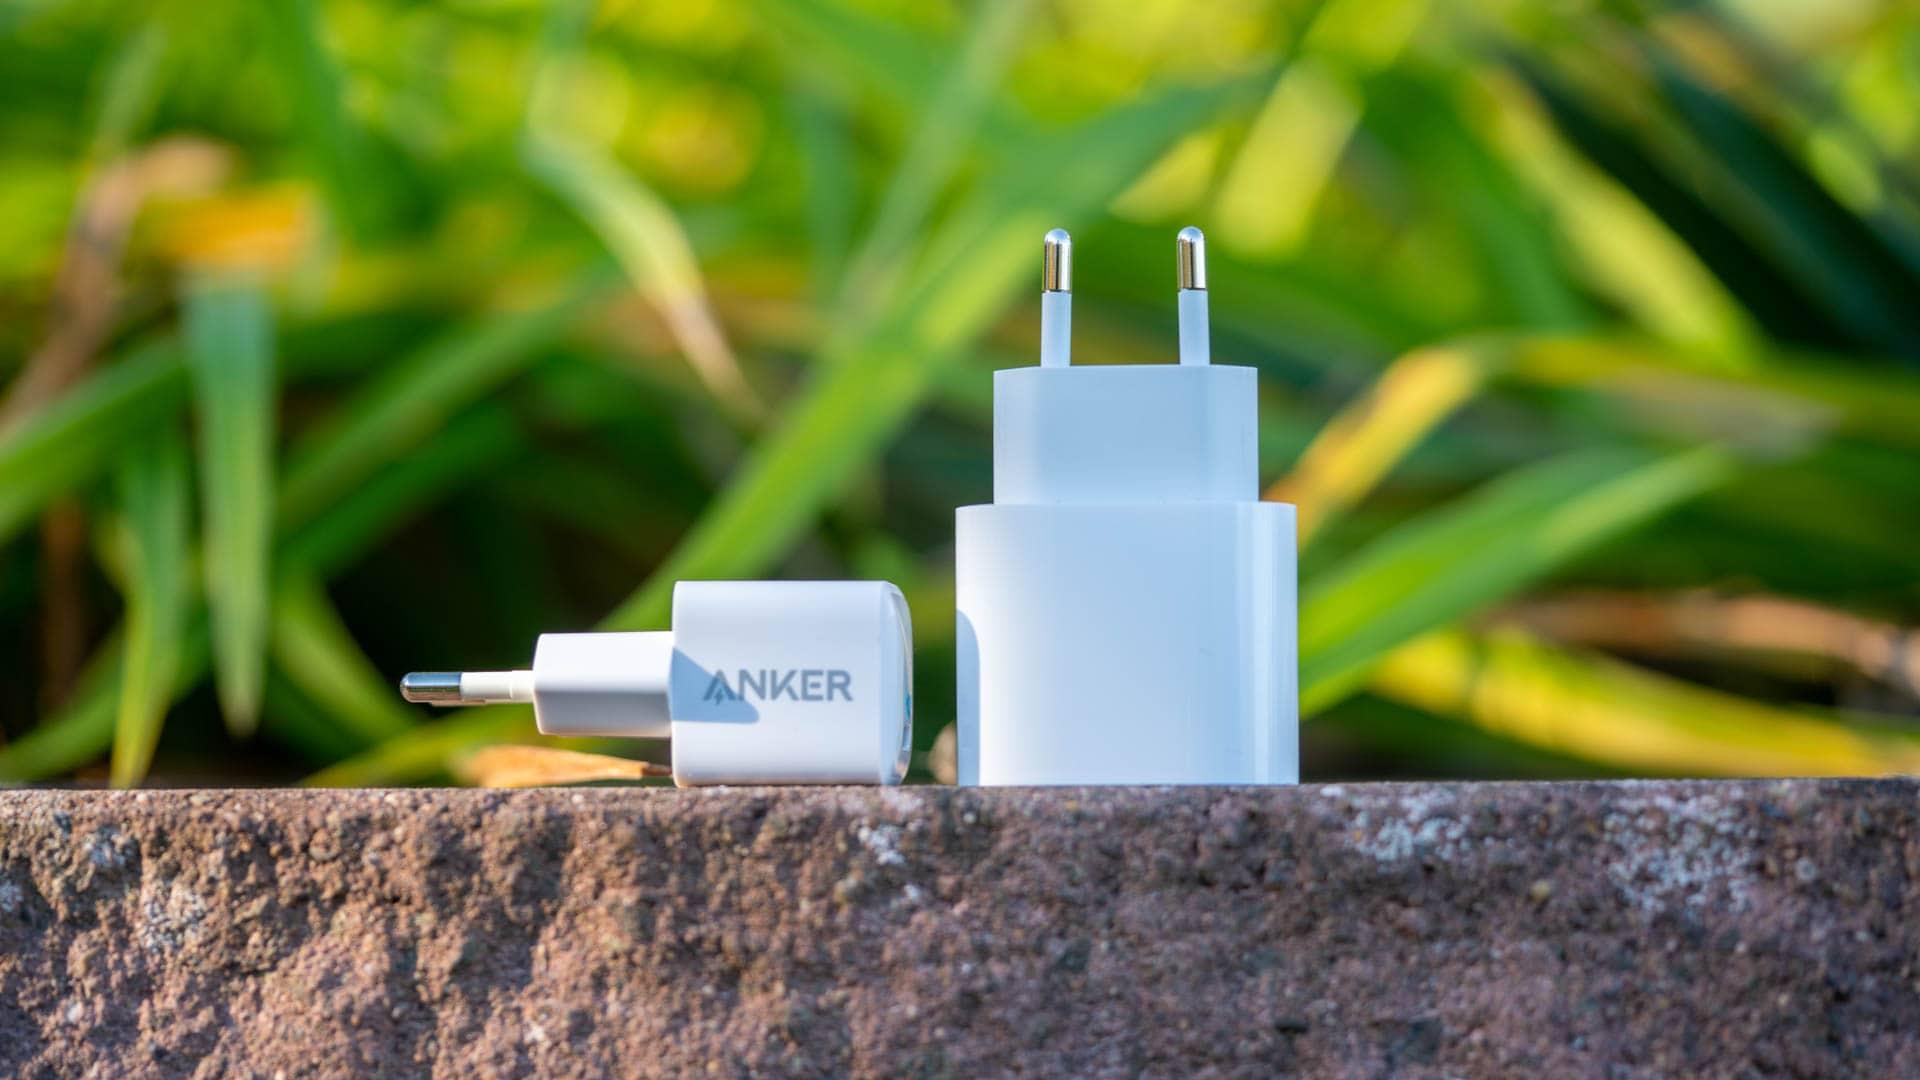 Ideal für das iPhone 12 Pro? Das Anker PowerPort III Nano 20W im Test!